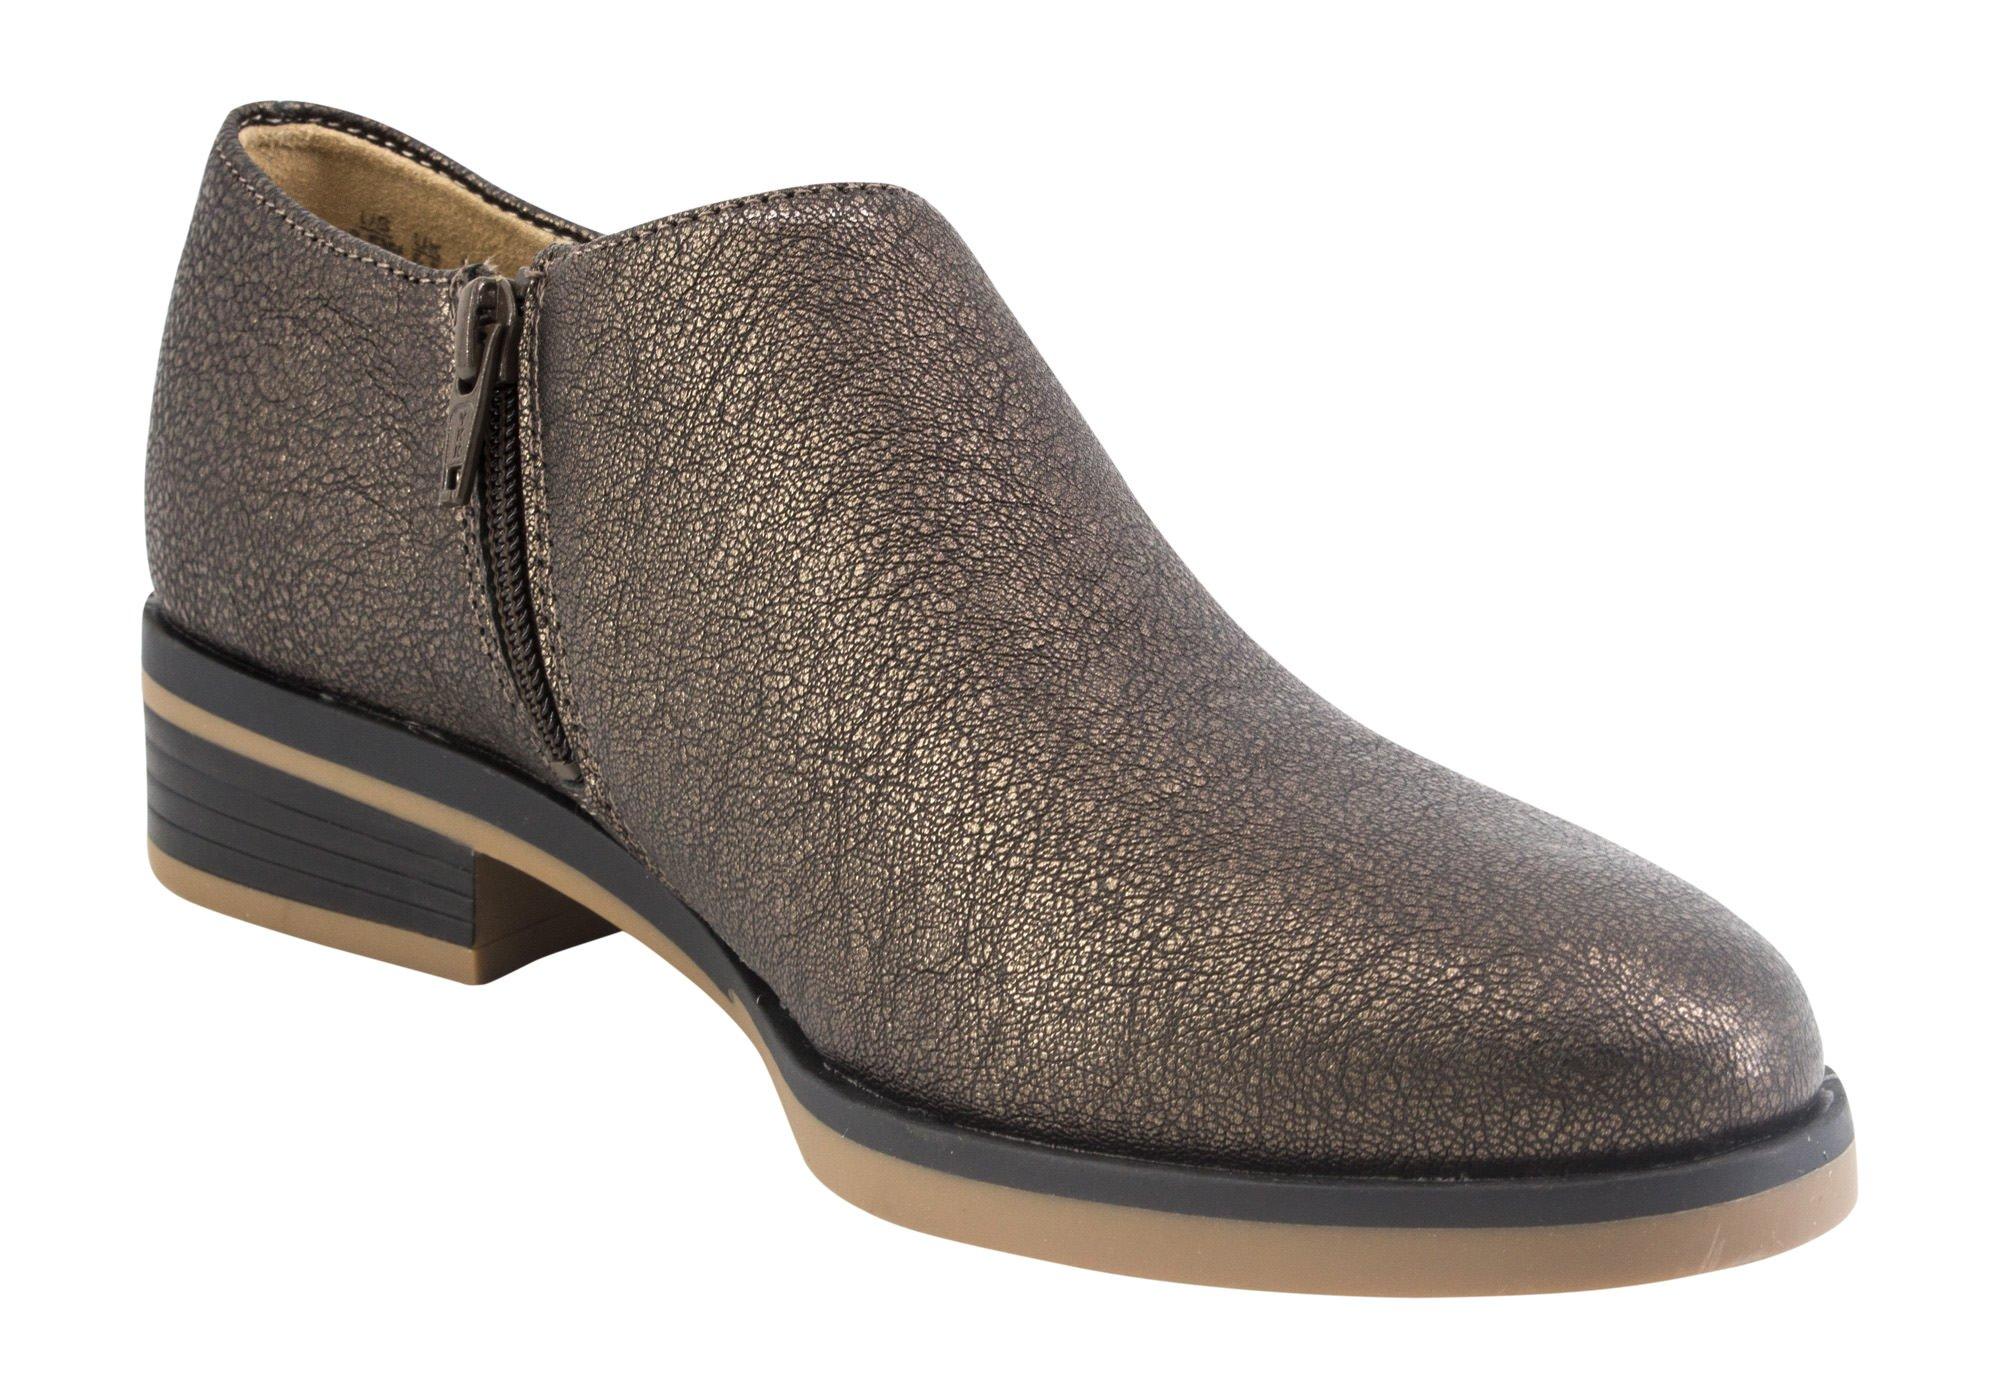 Naturalizer Women's Regan Ankle Dress Shoe, Bronze Crackle, Size 7.5 B(M) US